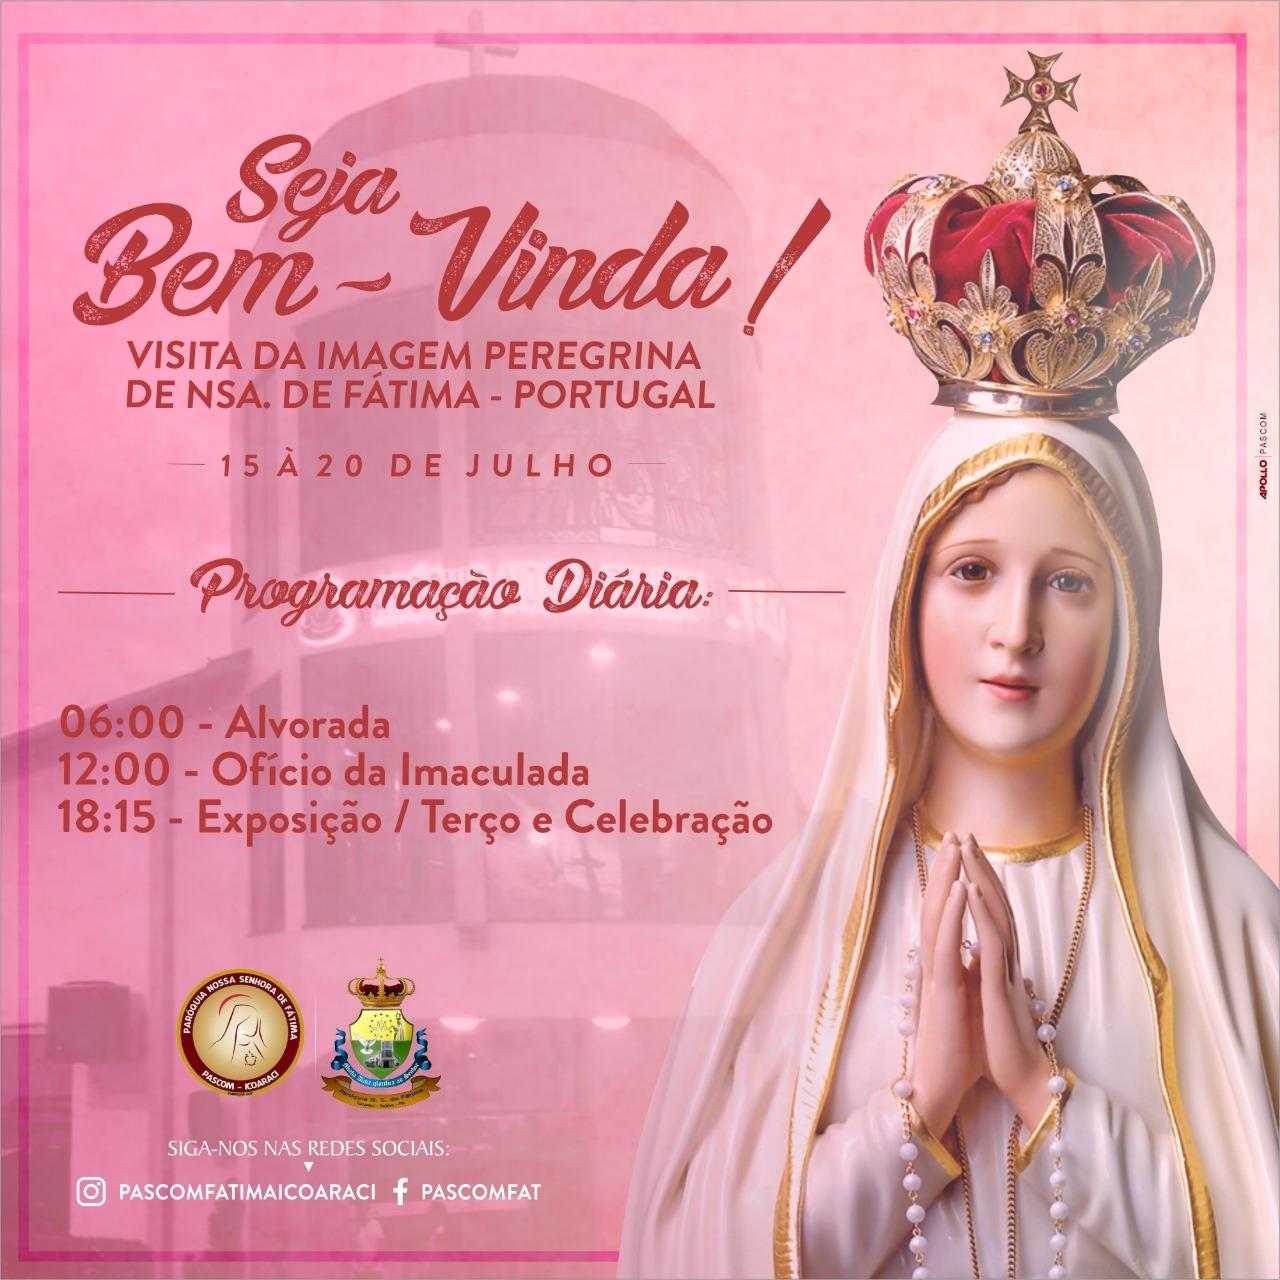 Visita da Imagem peregrina de Nossa Senhora de Fátima (Portugal) em nossa Paróquia